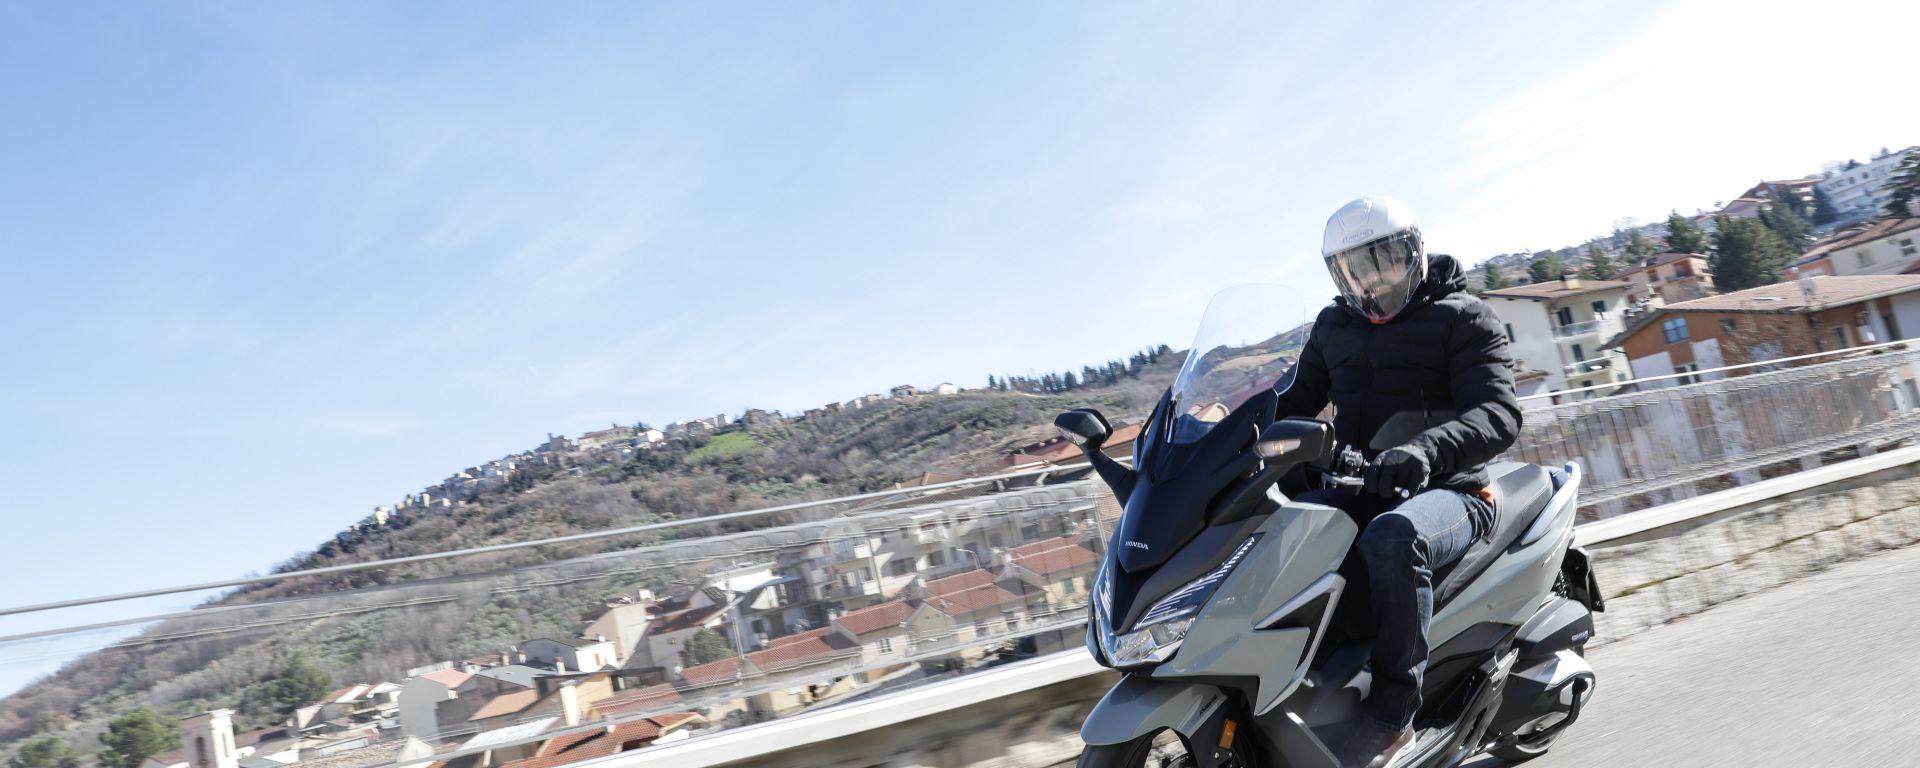 Honda Forza 350 2021: le opinioni dopo la prova su strada (VIDEO)